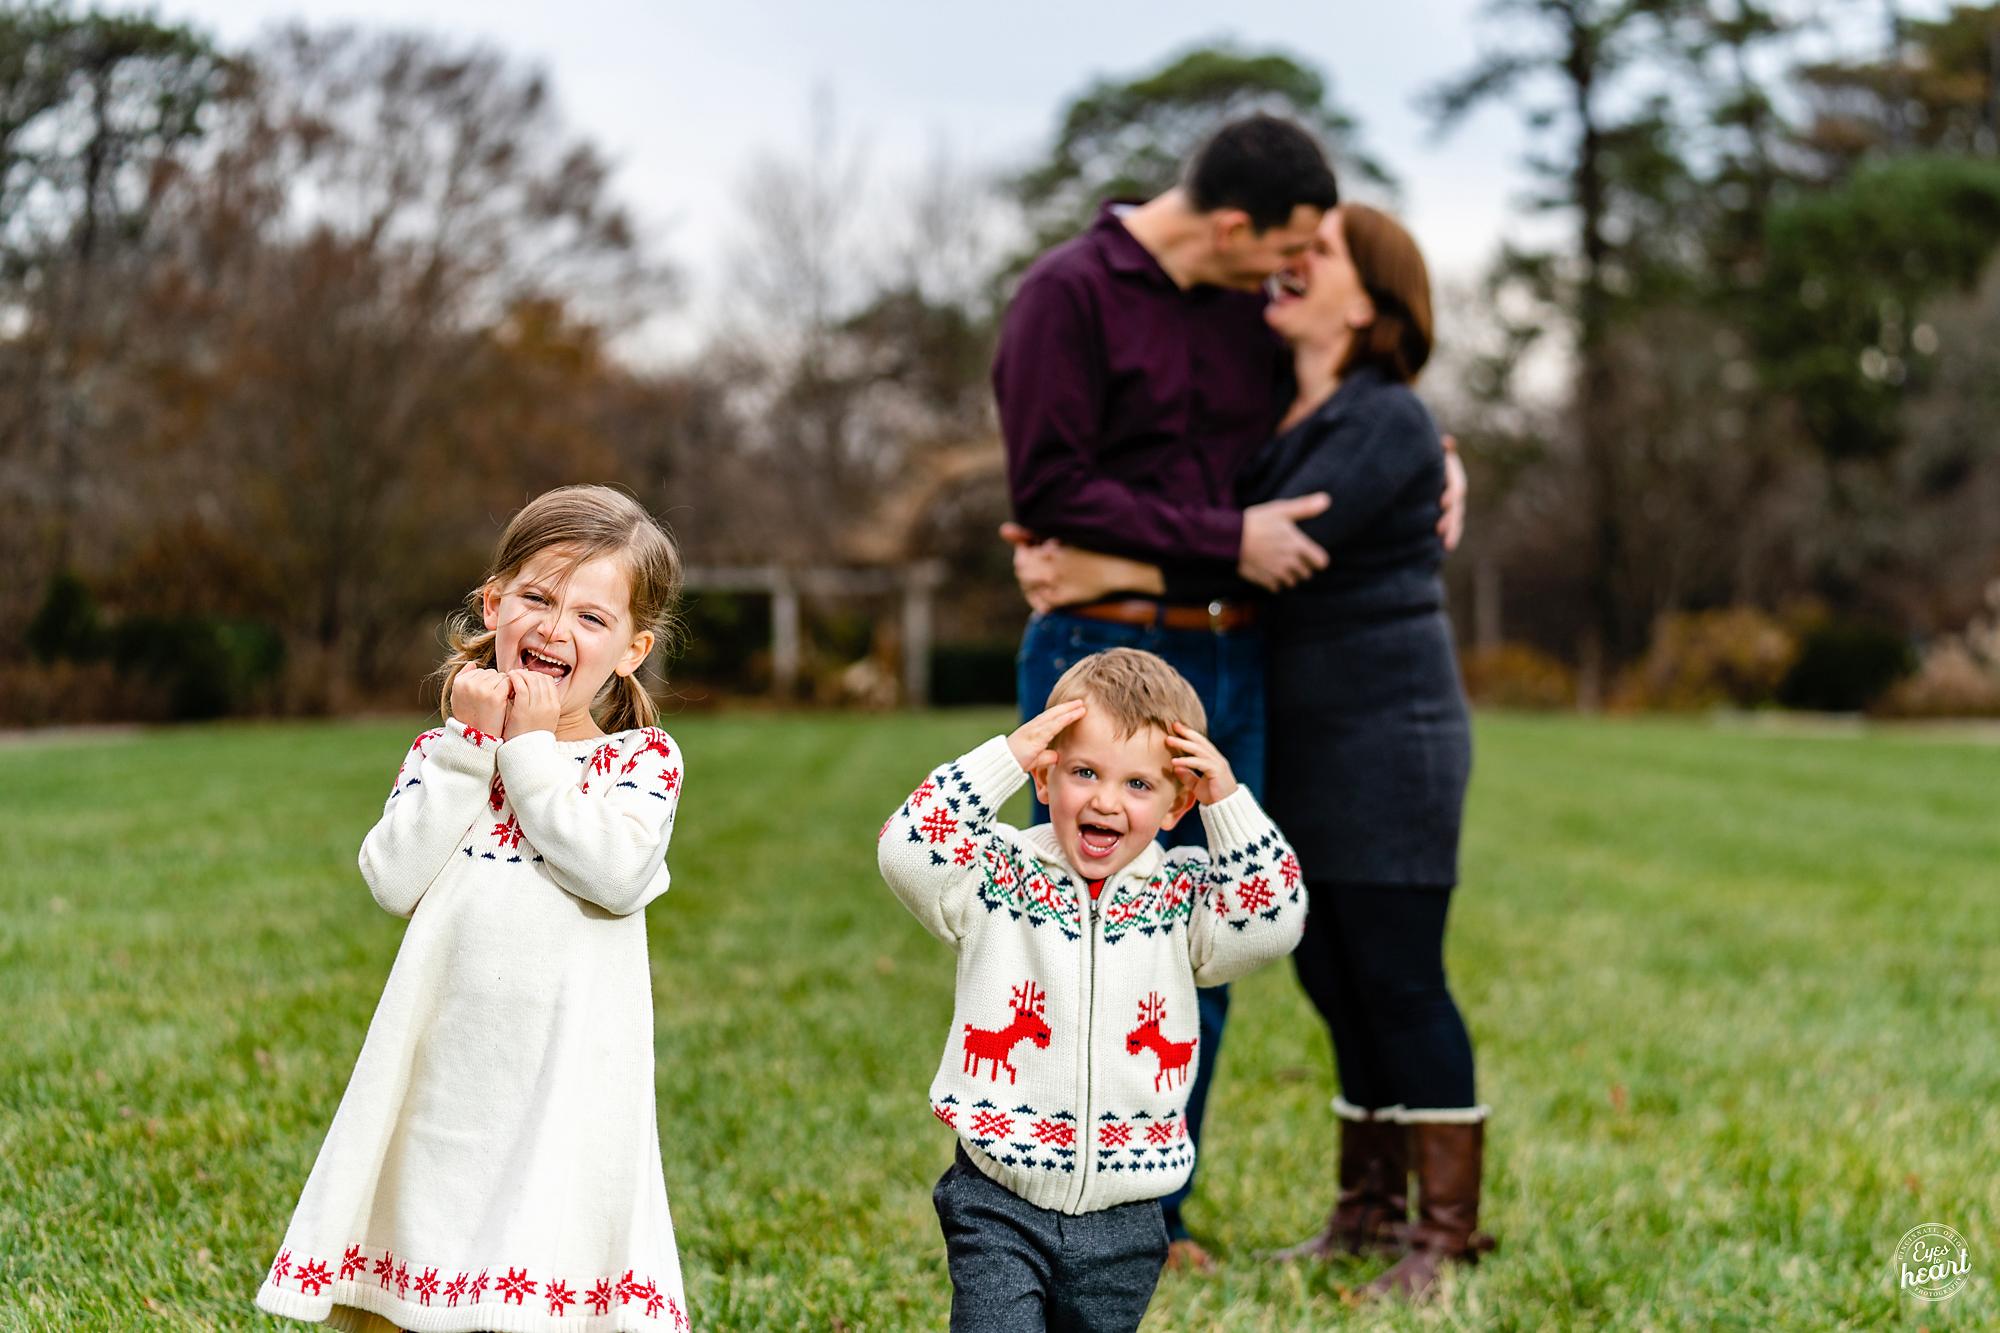 Ault-Park-Family-Photography-1.jpg